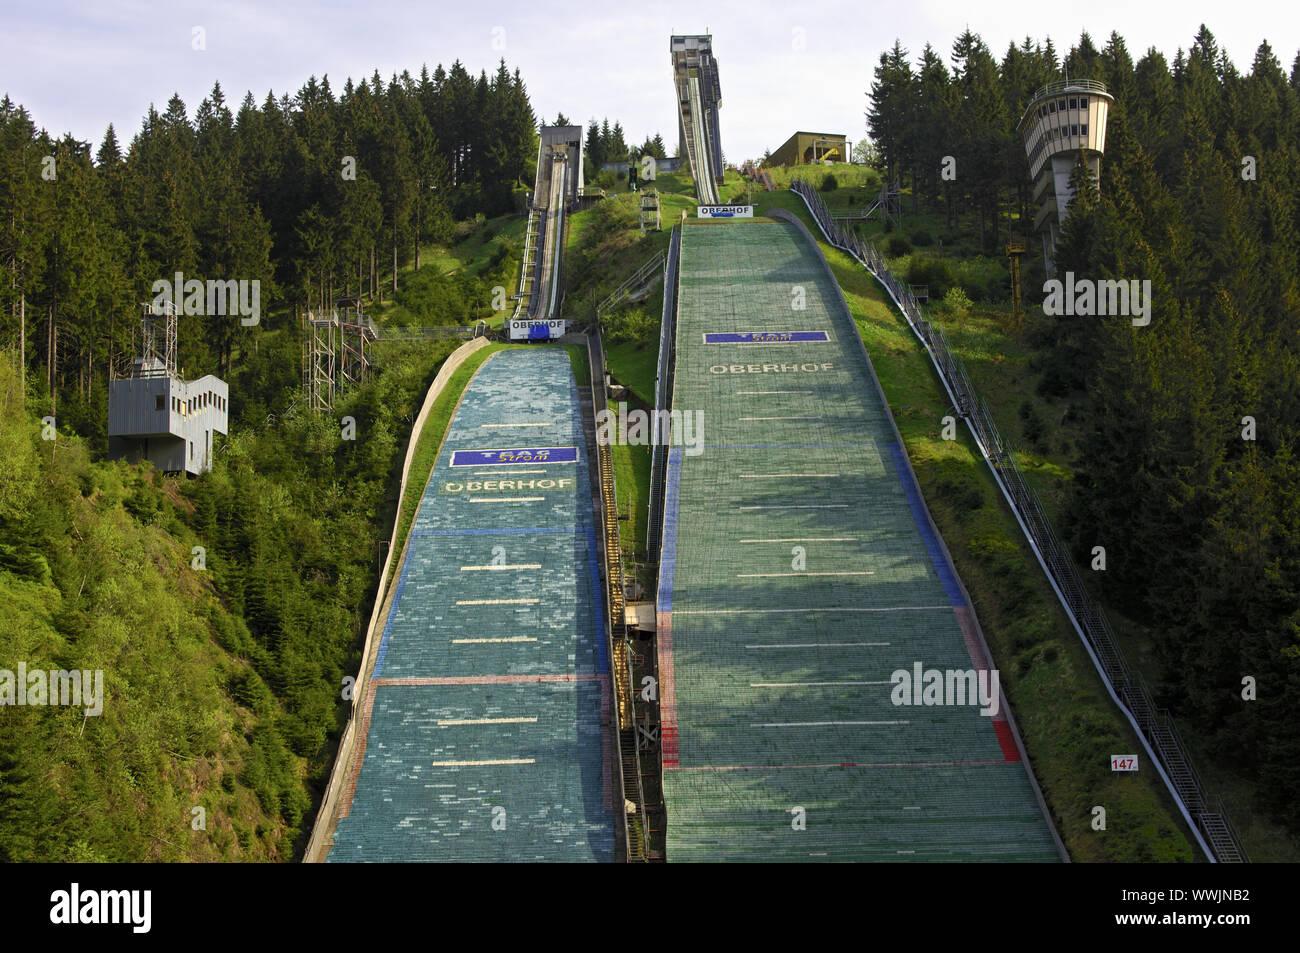 Skisprung arena Bin Kanzlersgrund in der Nähe von Oberhof. Stockfoto